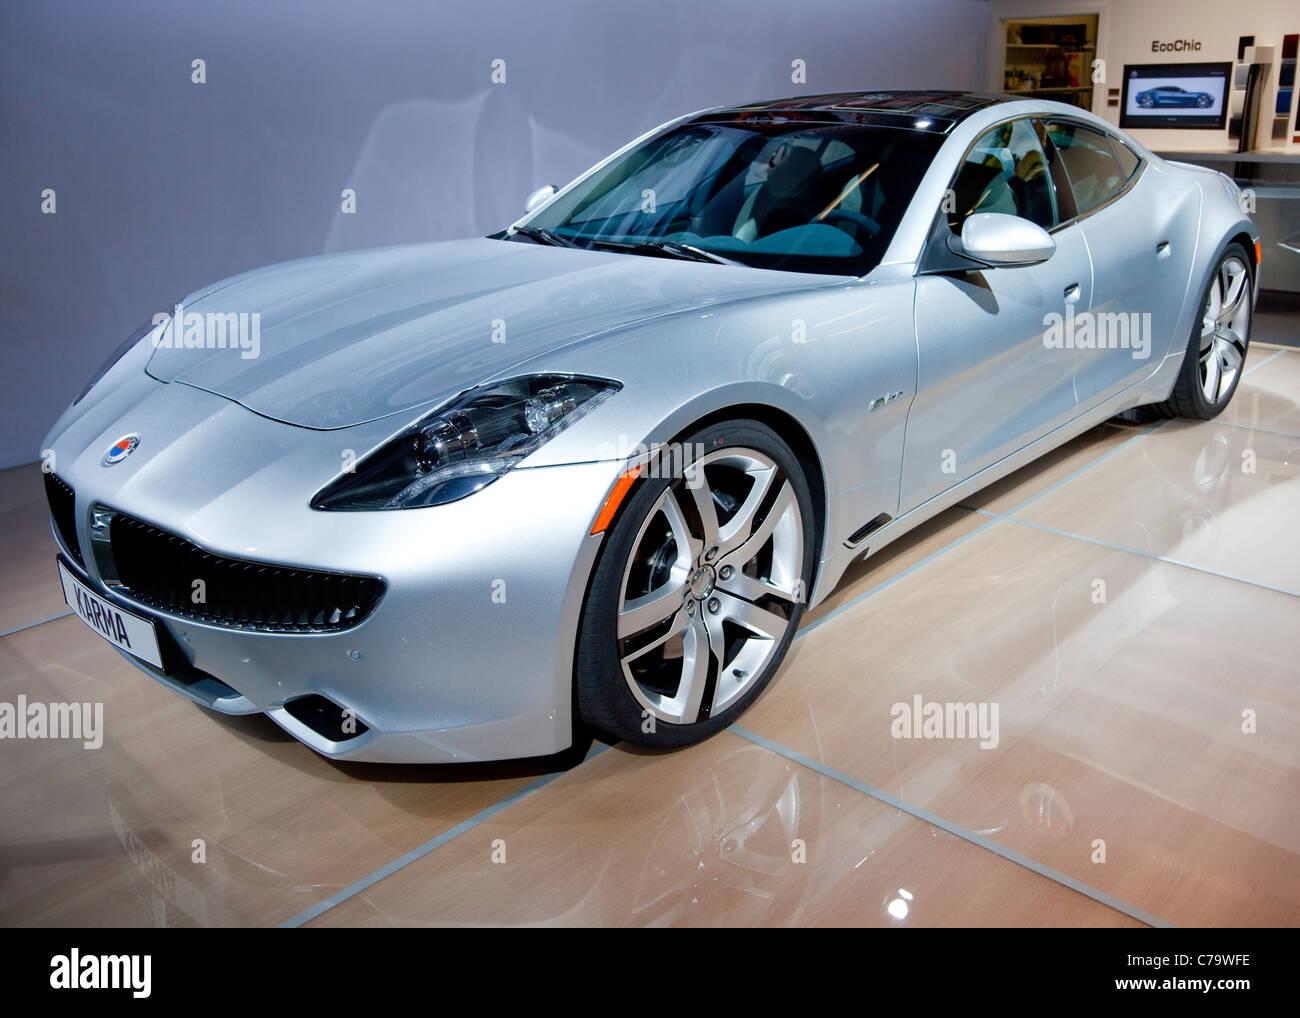 Nouveau véhicule de luxe électrique Fisker Karma avec 2011 IAA International Motor Show de Francfort am Photo Stock